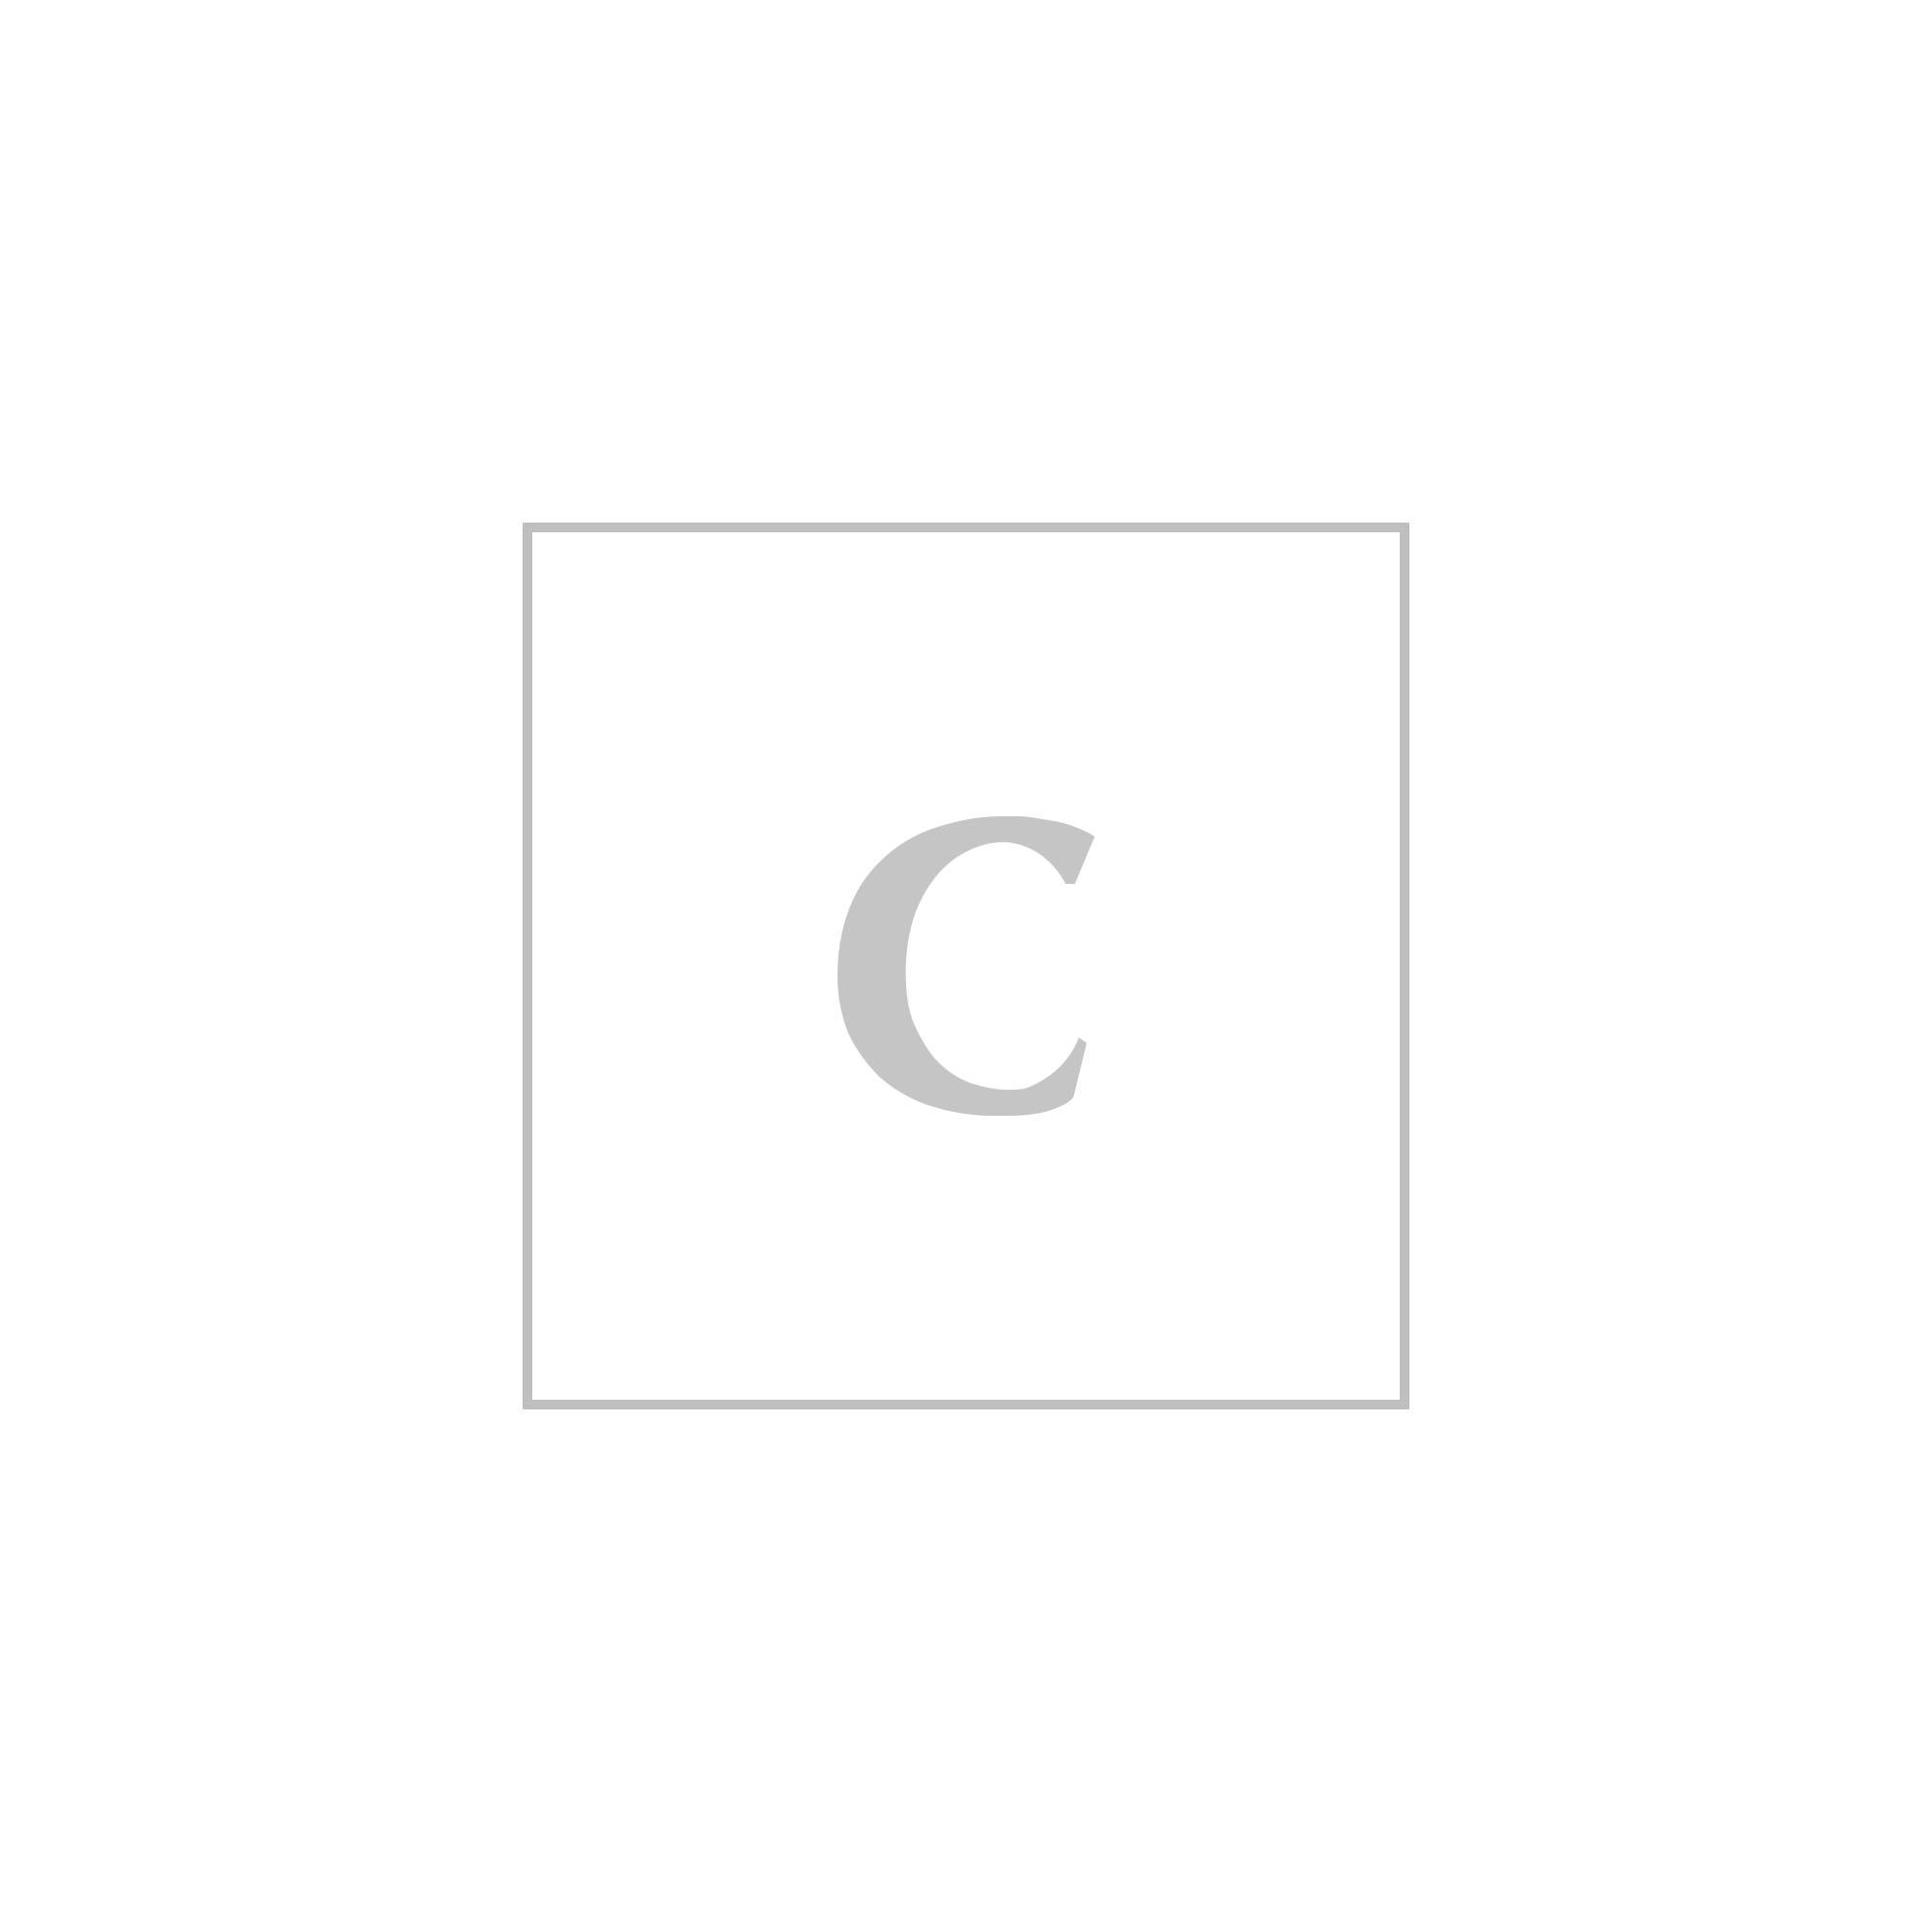 Carven t-shirt logo carven